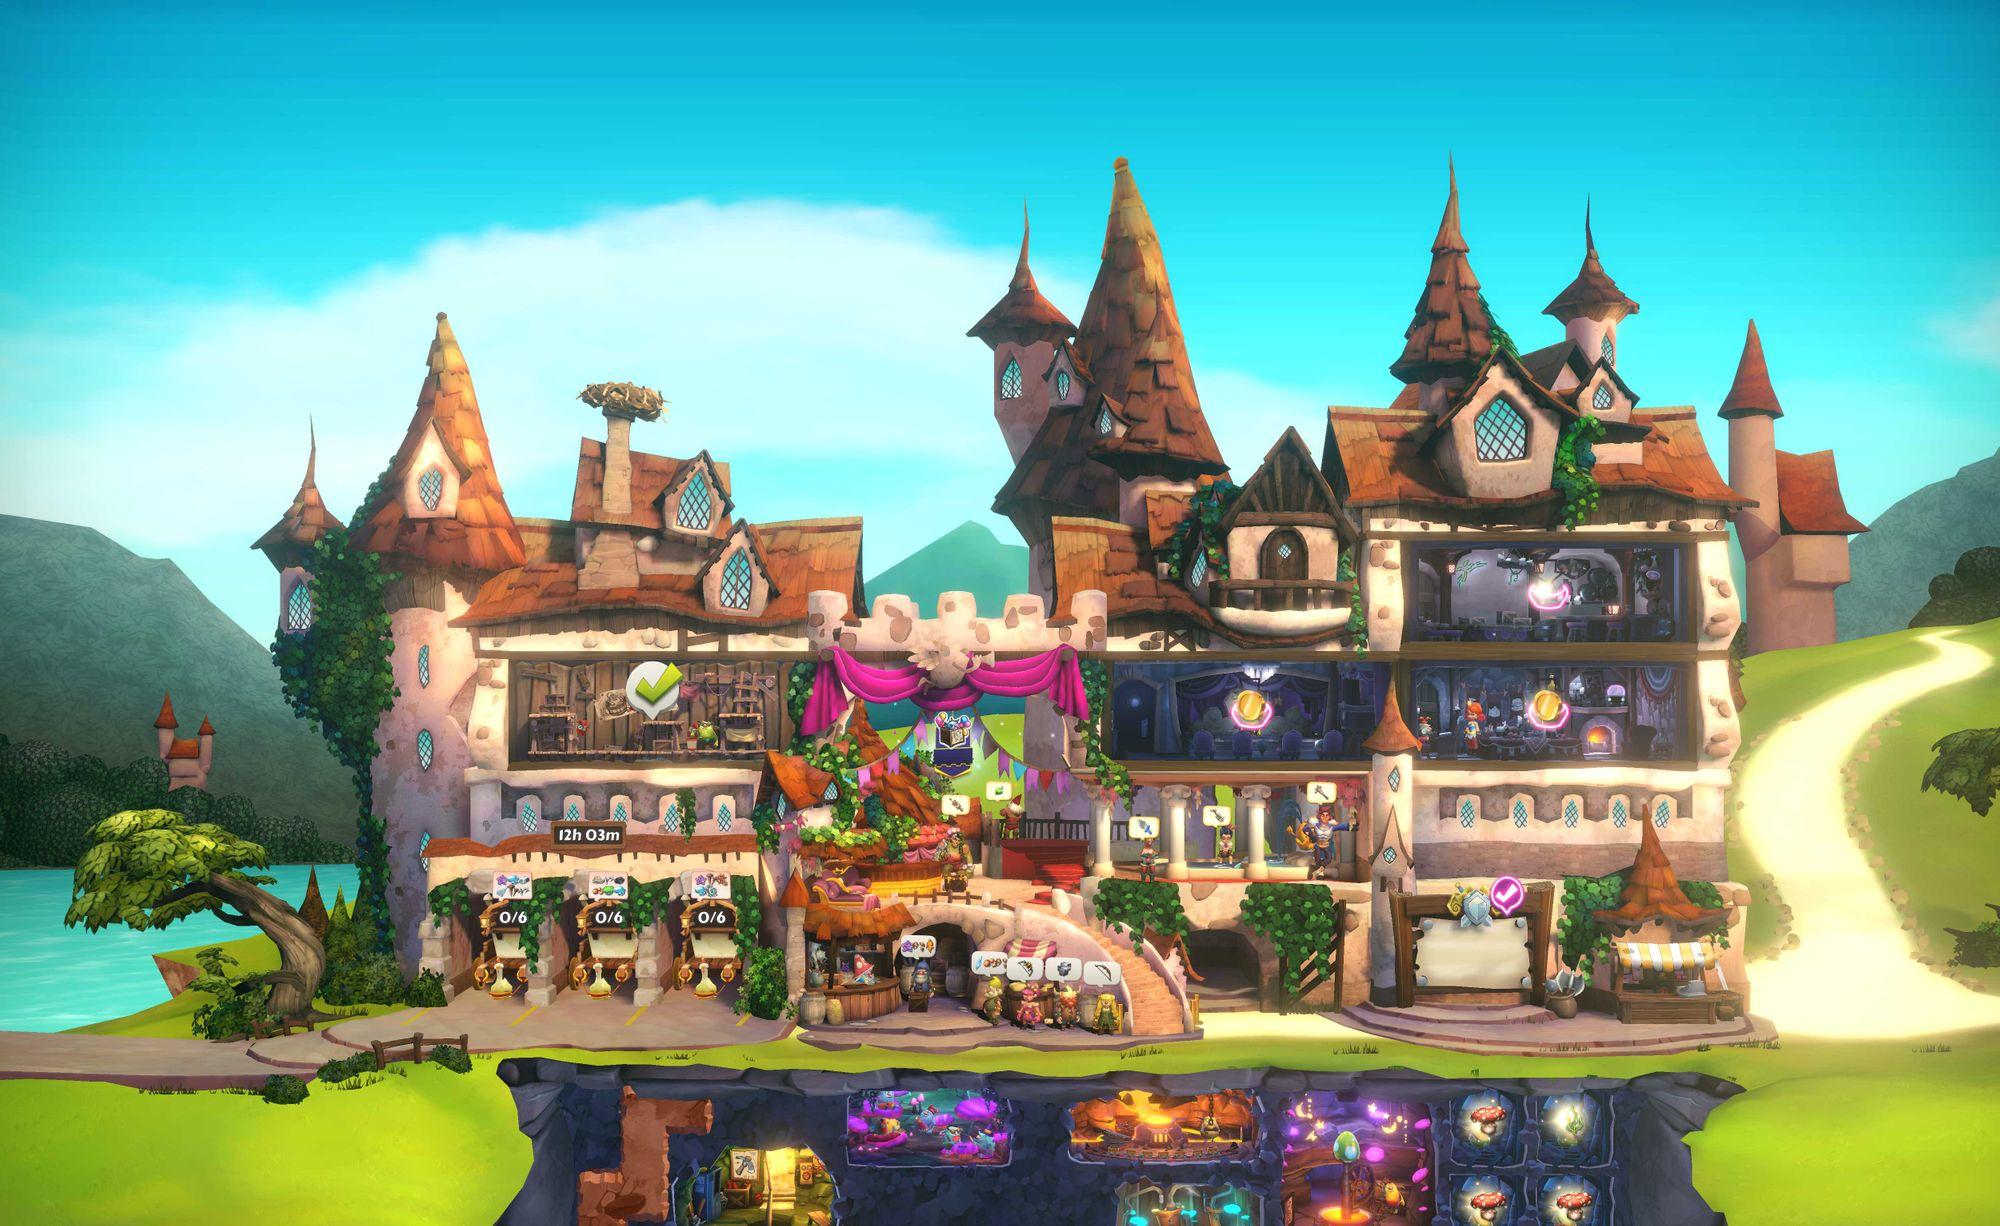 Costruisci il miglior castello fantasy di sempre